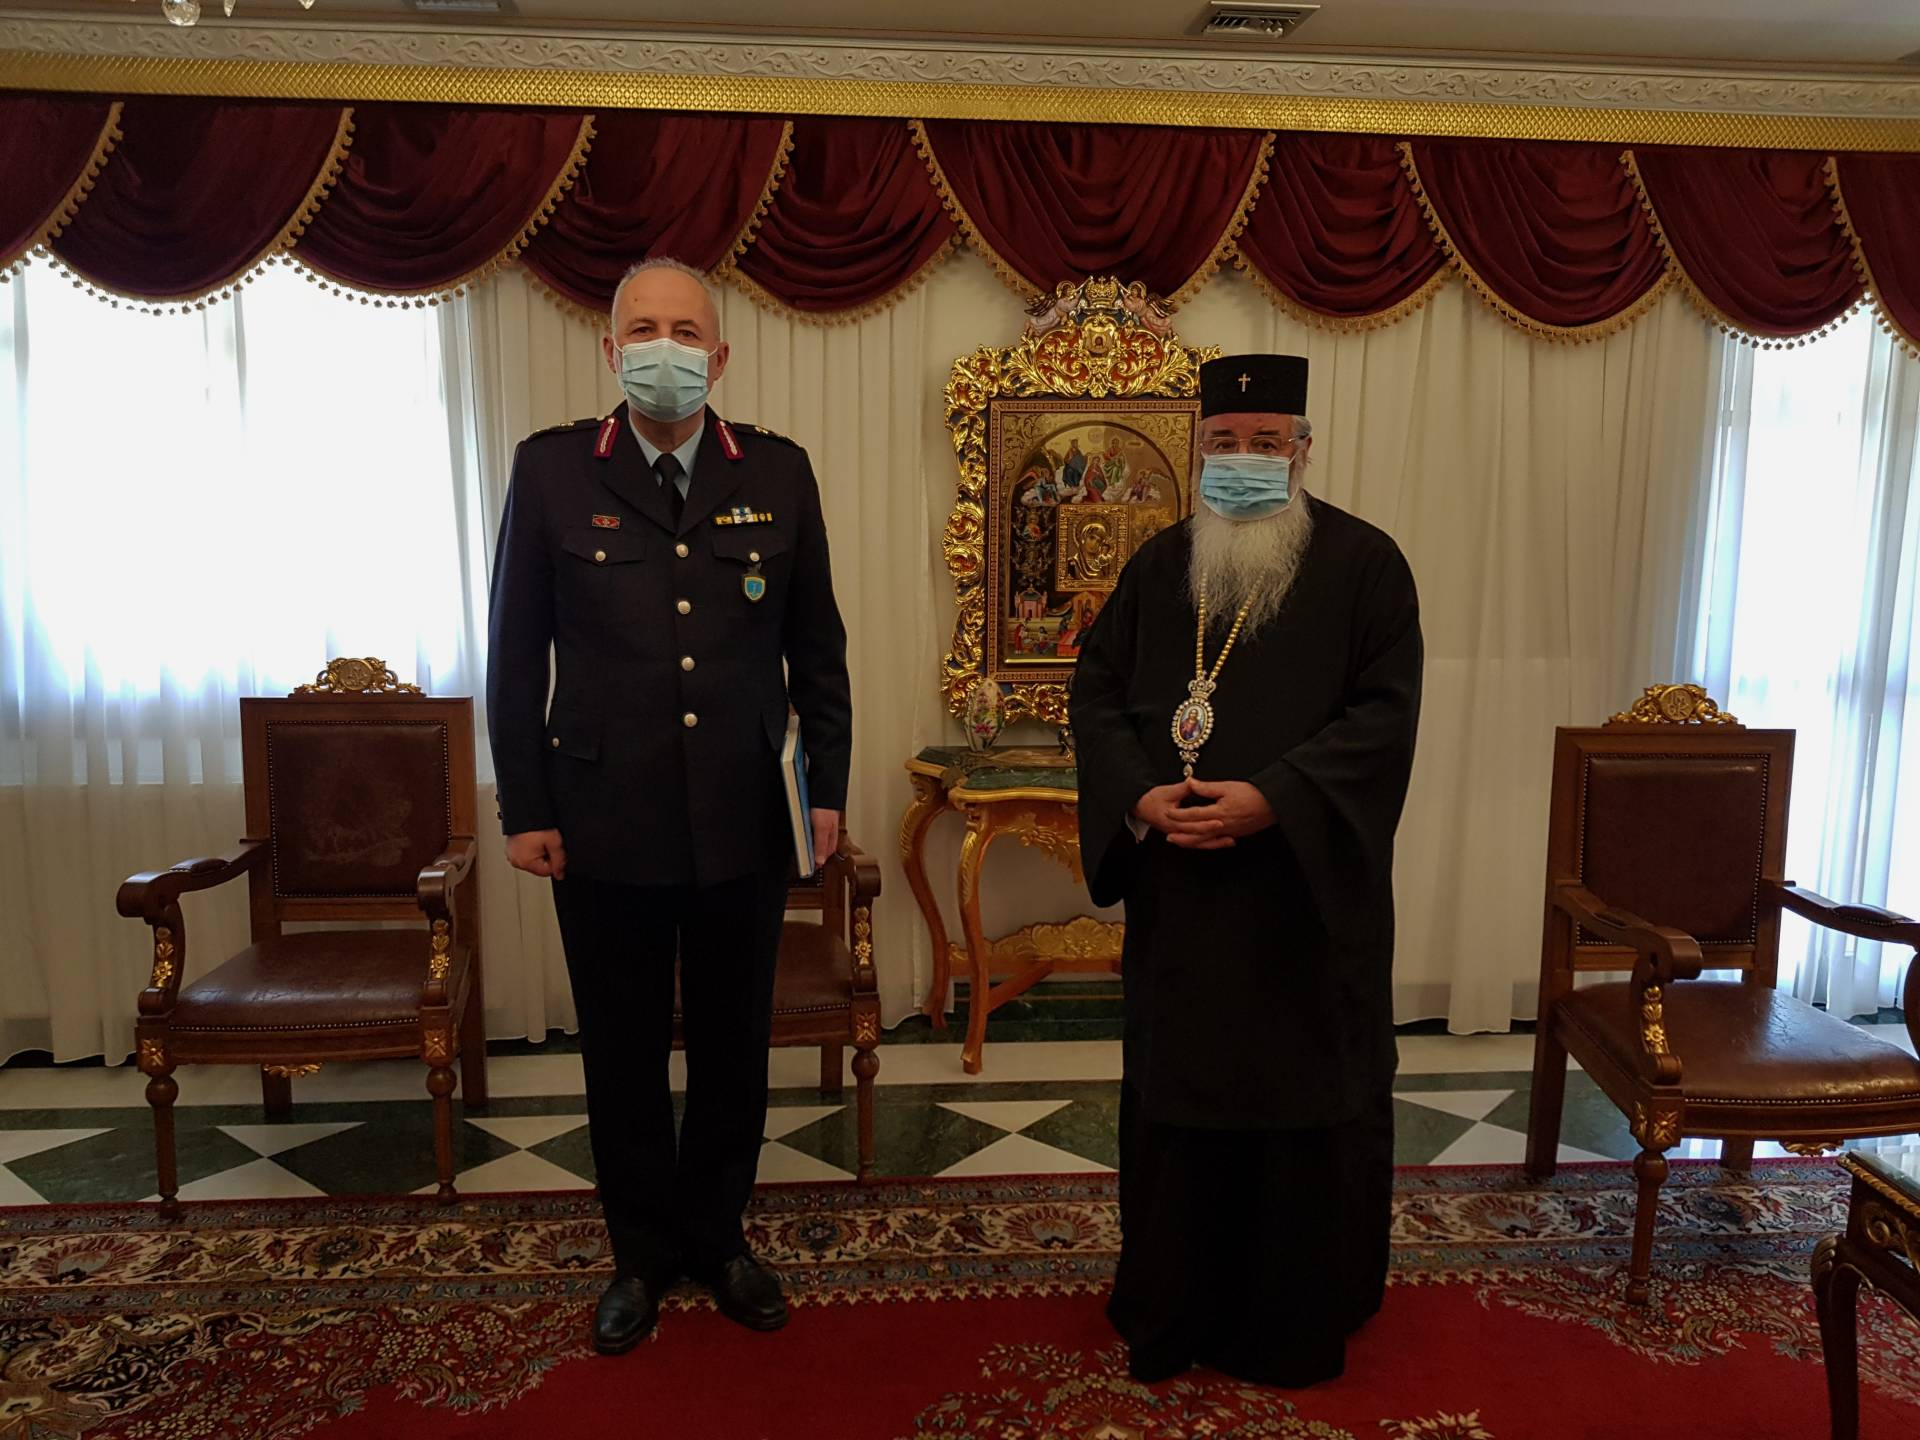 Εθιμοτυπική επίσκεψη του Γενικού Περιφερειακού ΑστυνομικούΔιευθυντή Δυτικής Μακεδονίας στο Μητροπολίτη Σερβίων και Κοζάνης